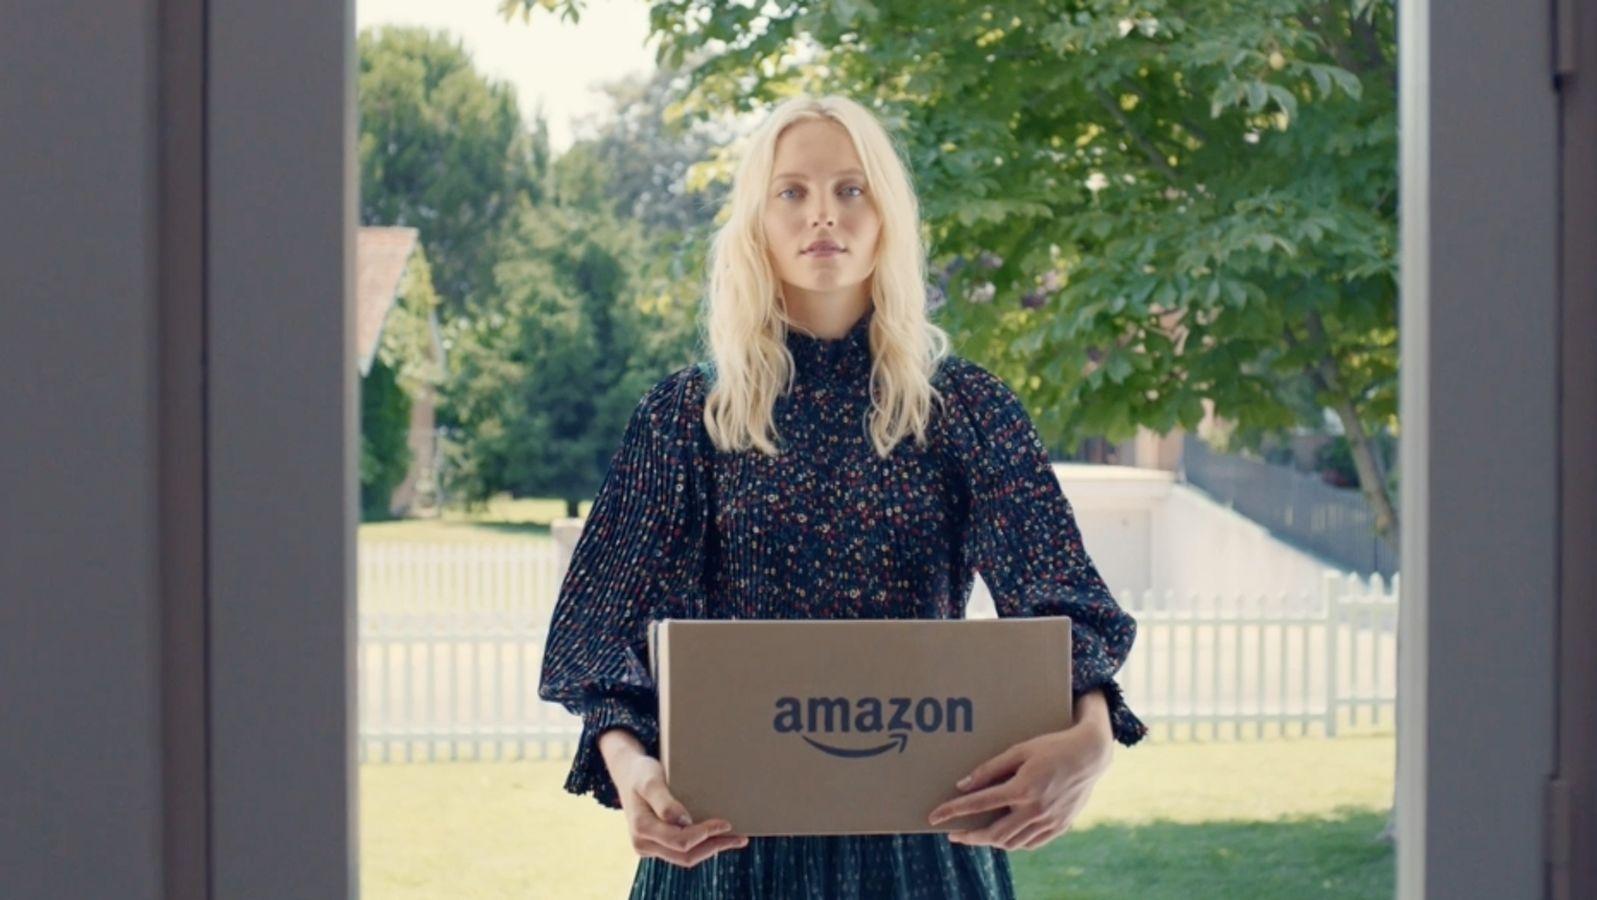 Delivering Fashion